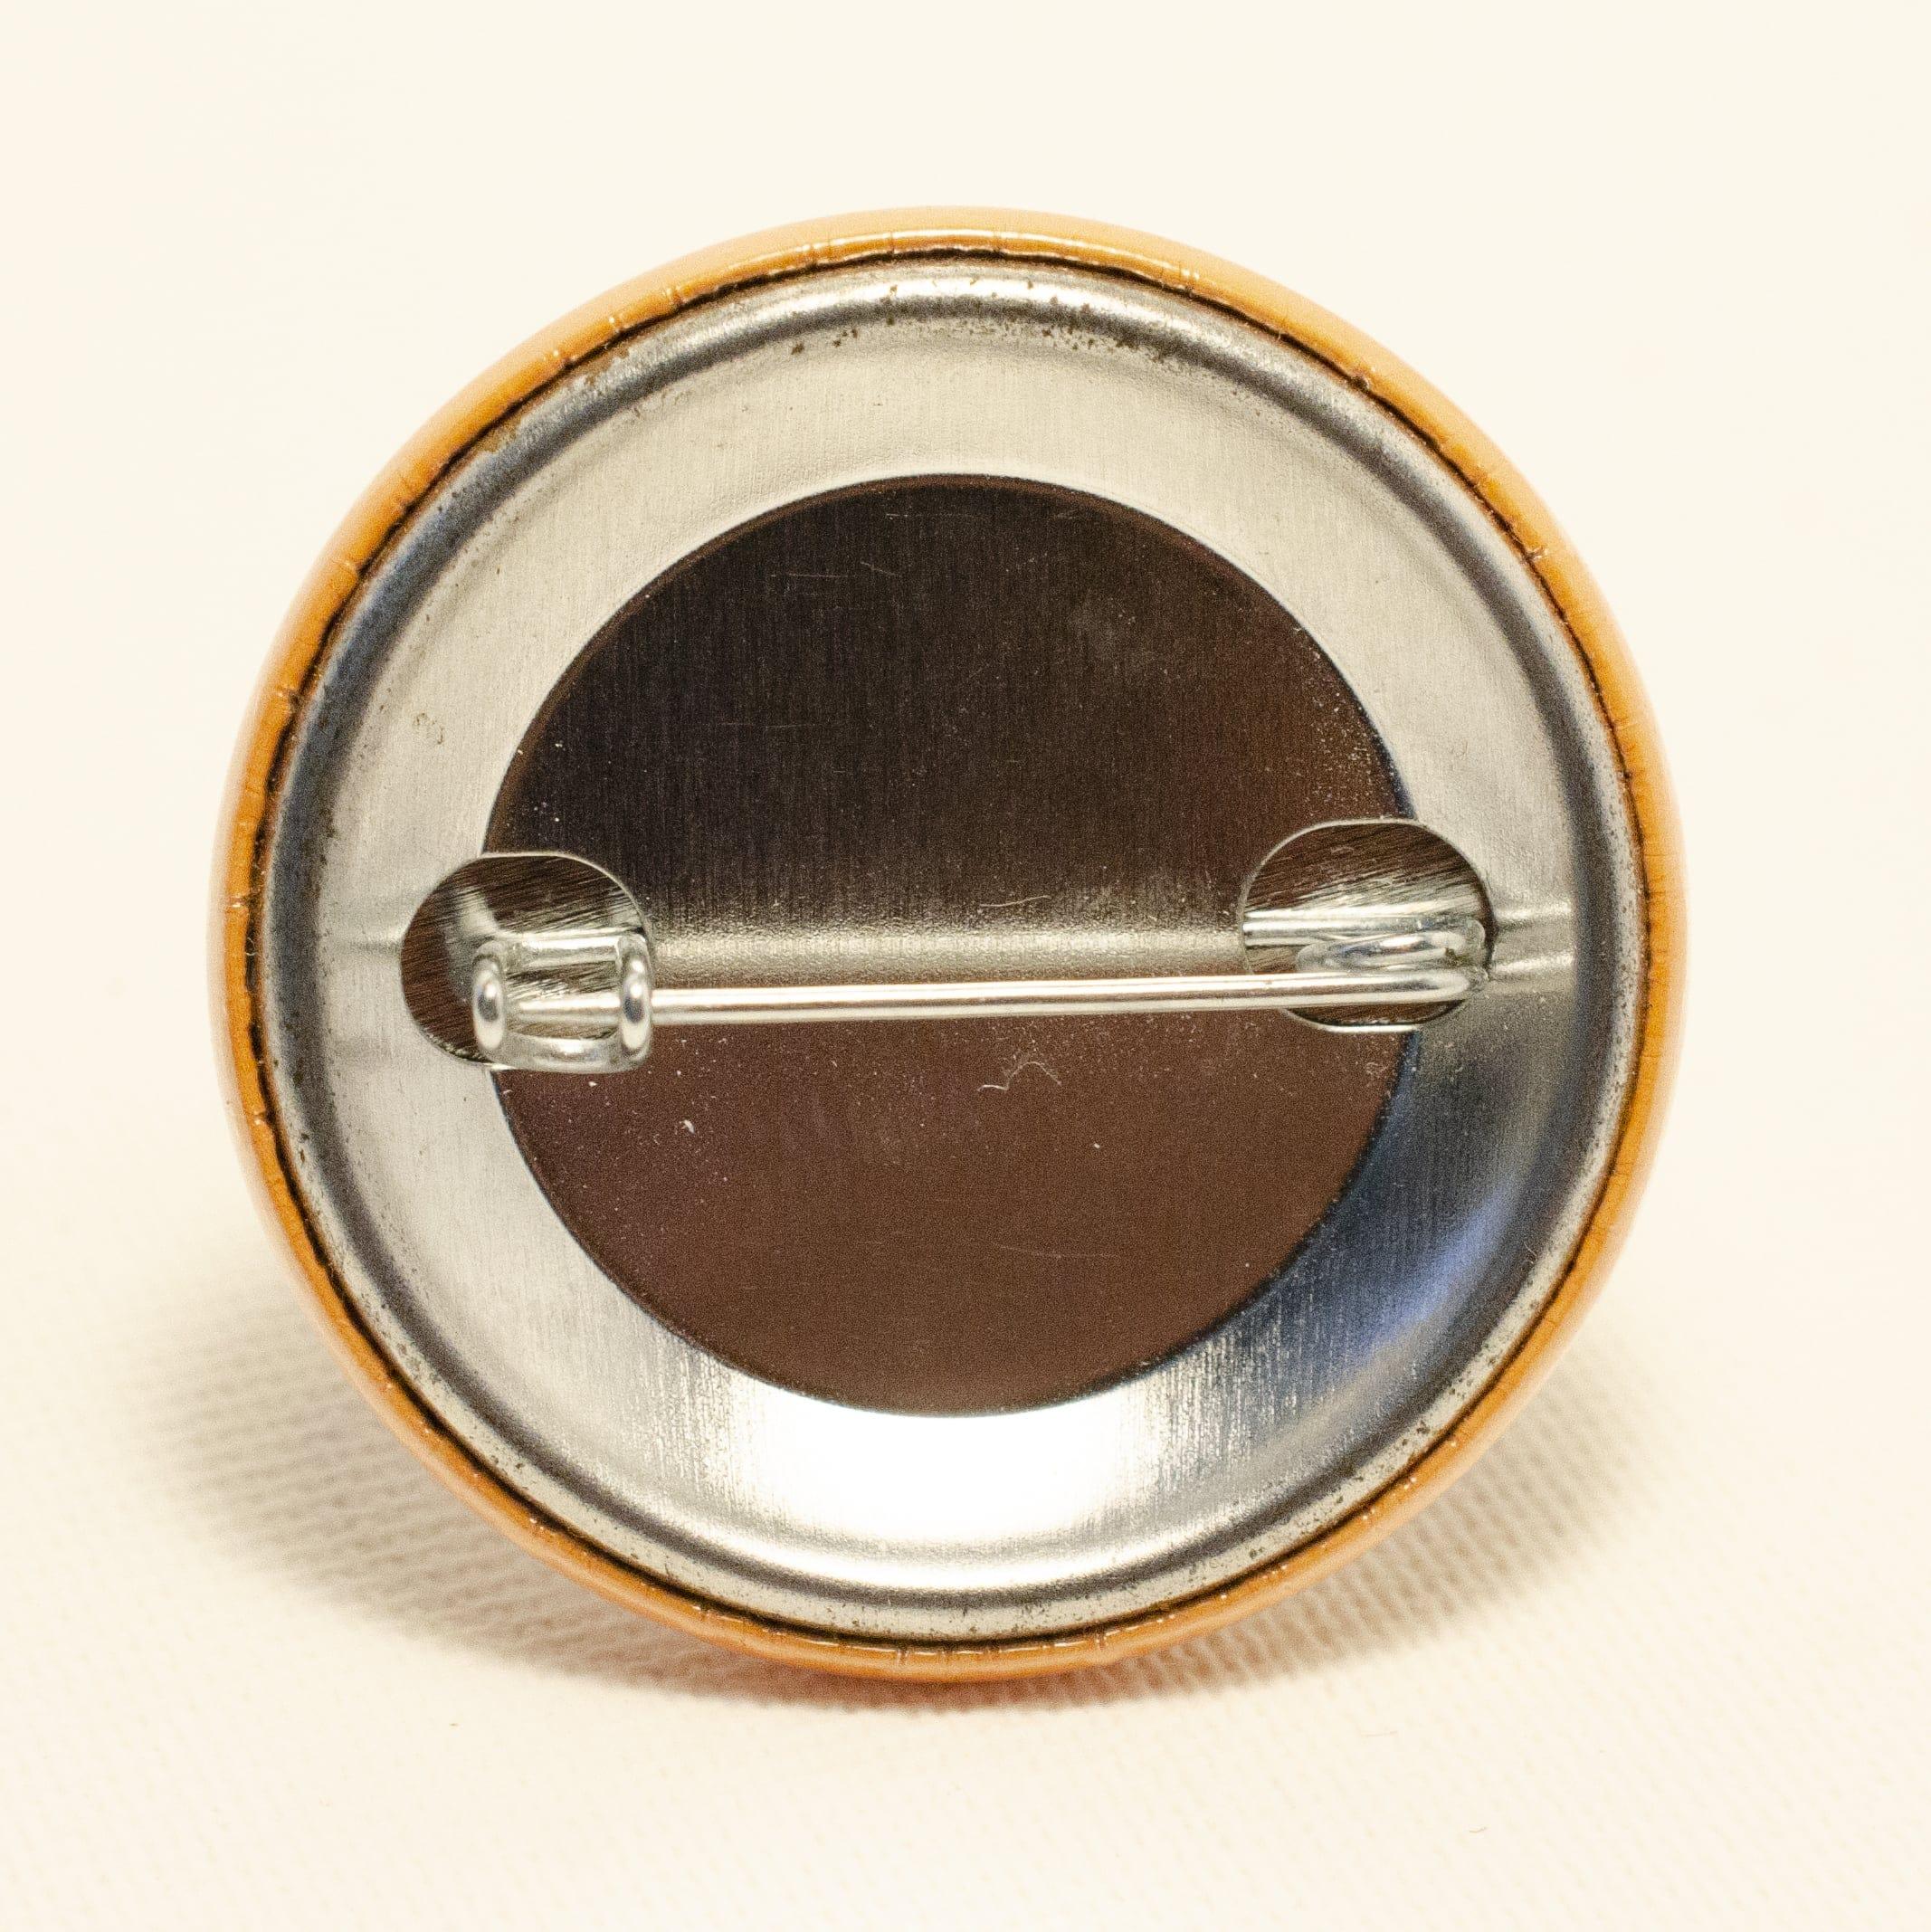 Bagel & Coffee こむぎ様 オーダーメイド缶バッジ38mm(50)のイメージその2